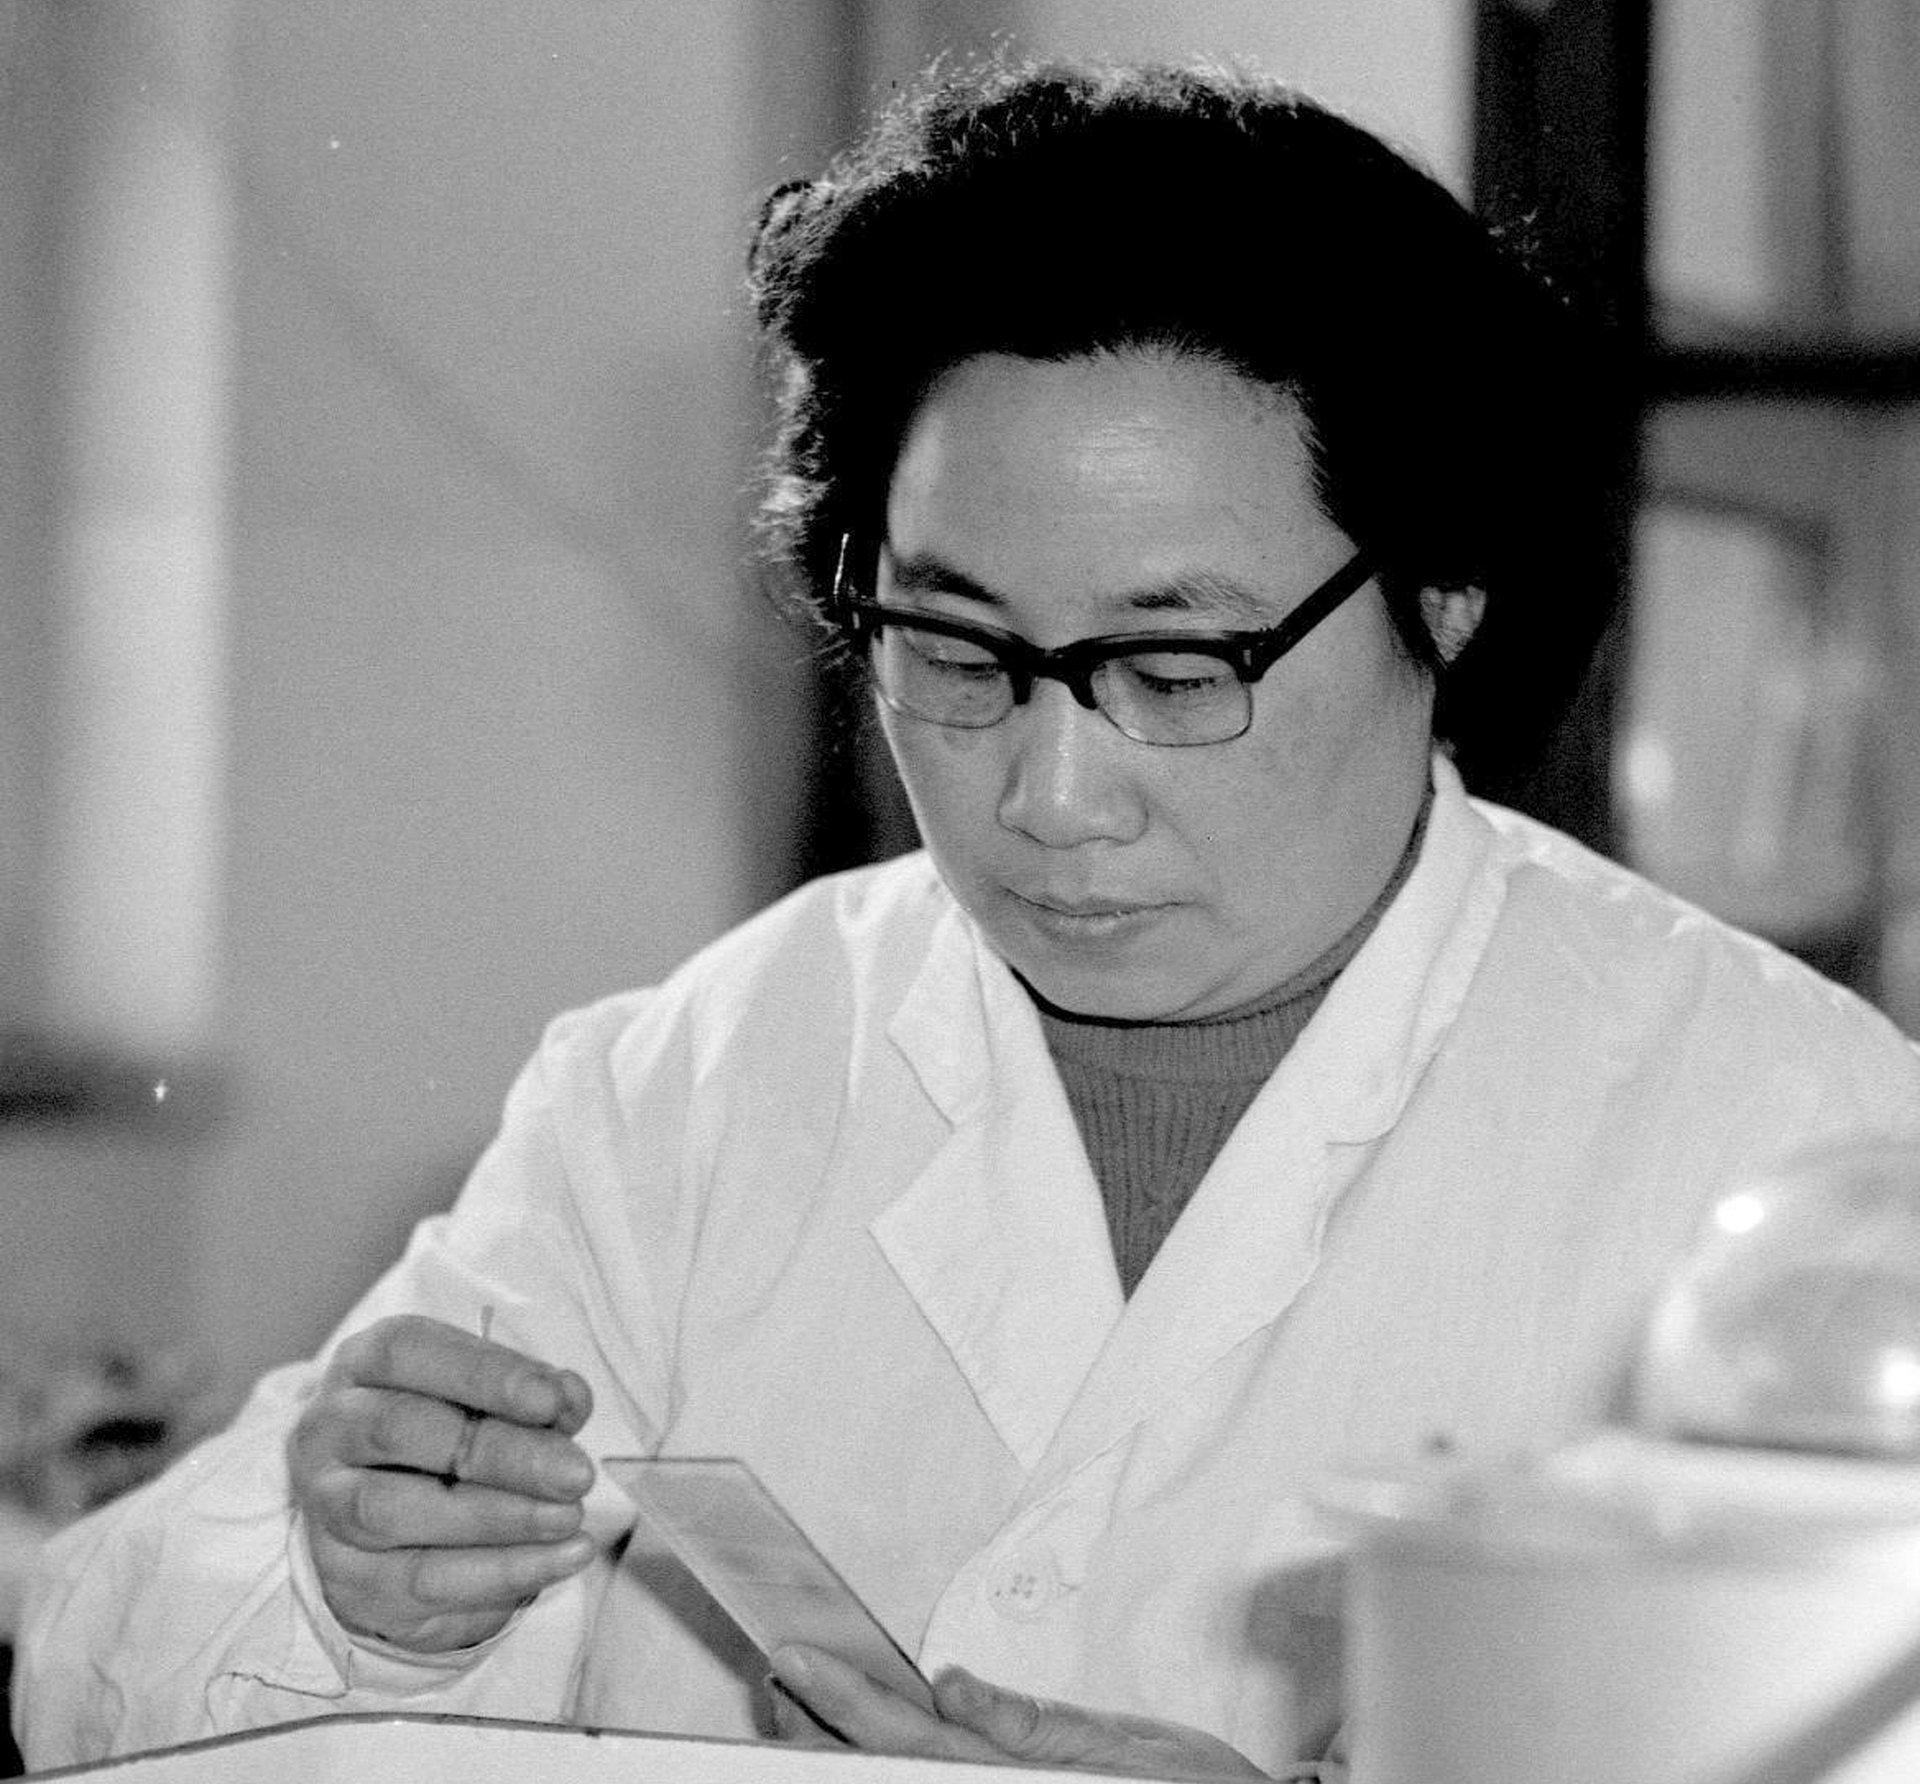 Dr. Tu Youyou, circa 1980s.  Image: Yang Wumin/Xinhua, via Associated Press